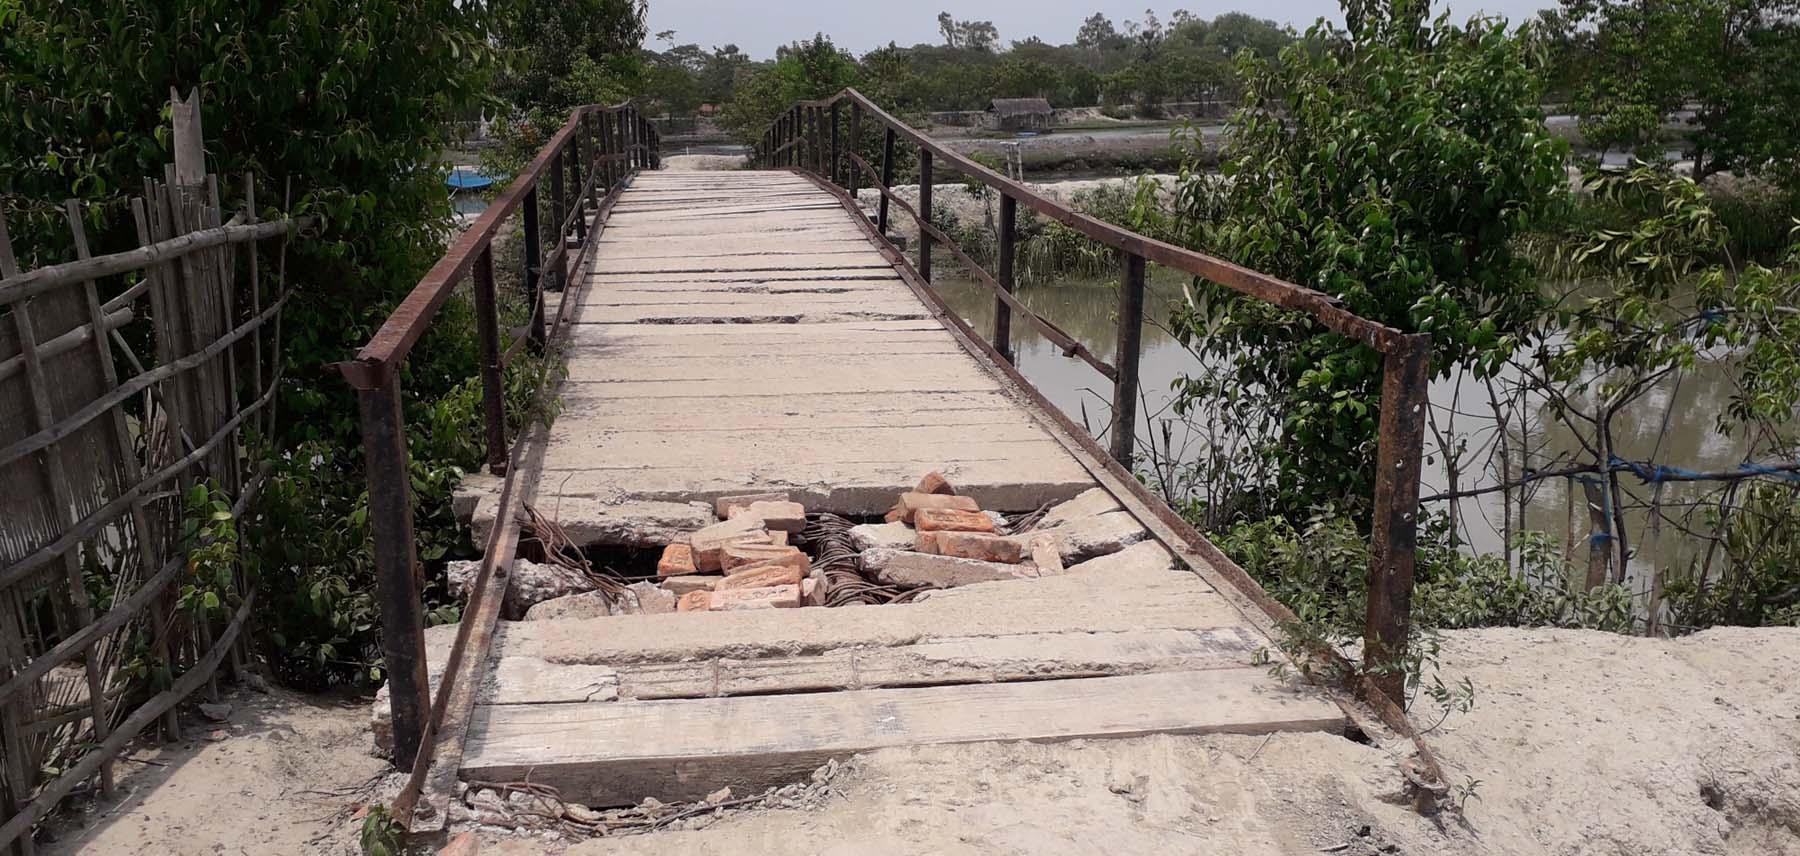 কালিগঞ্জের গুতিয়াখালি নদীর উপর কুমারখালি ব্রীজটি মরণ ফাঁদ